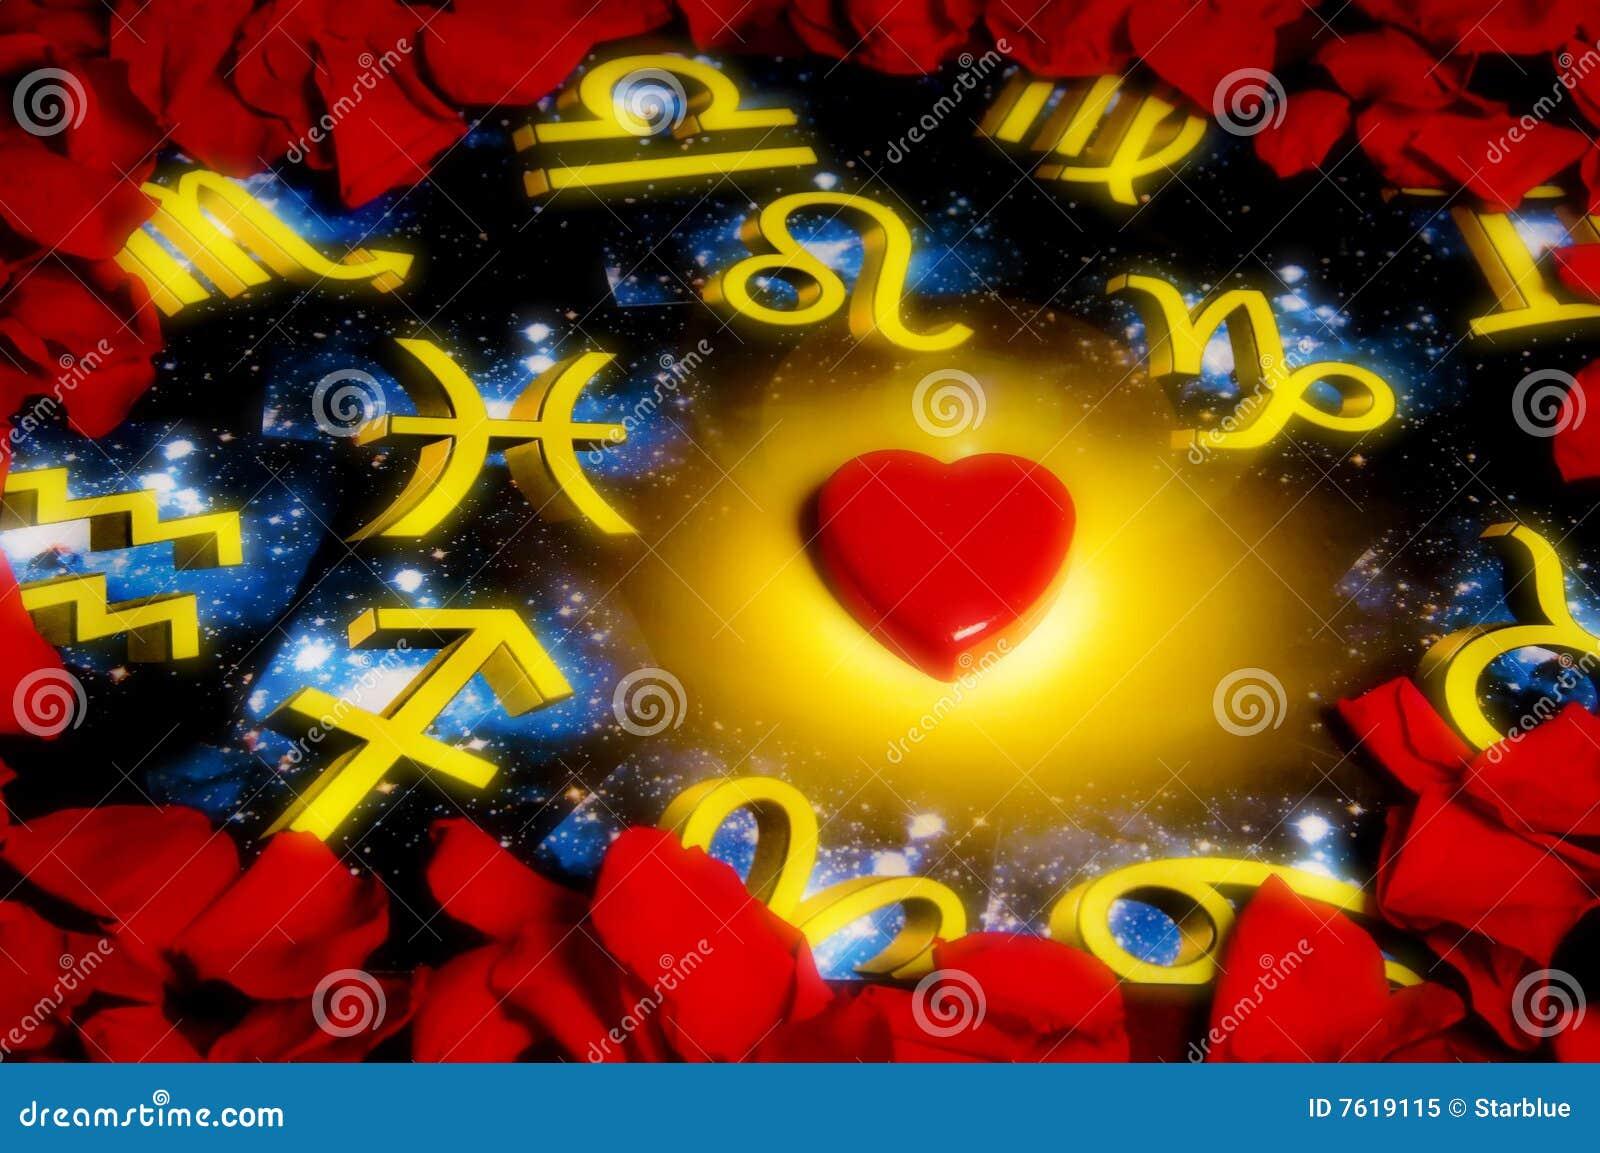 Amor y astrología